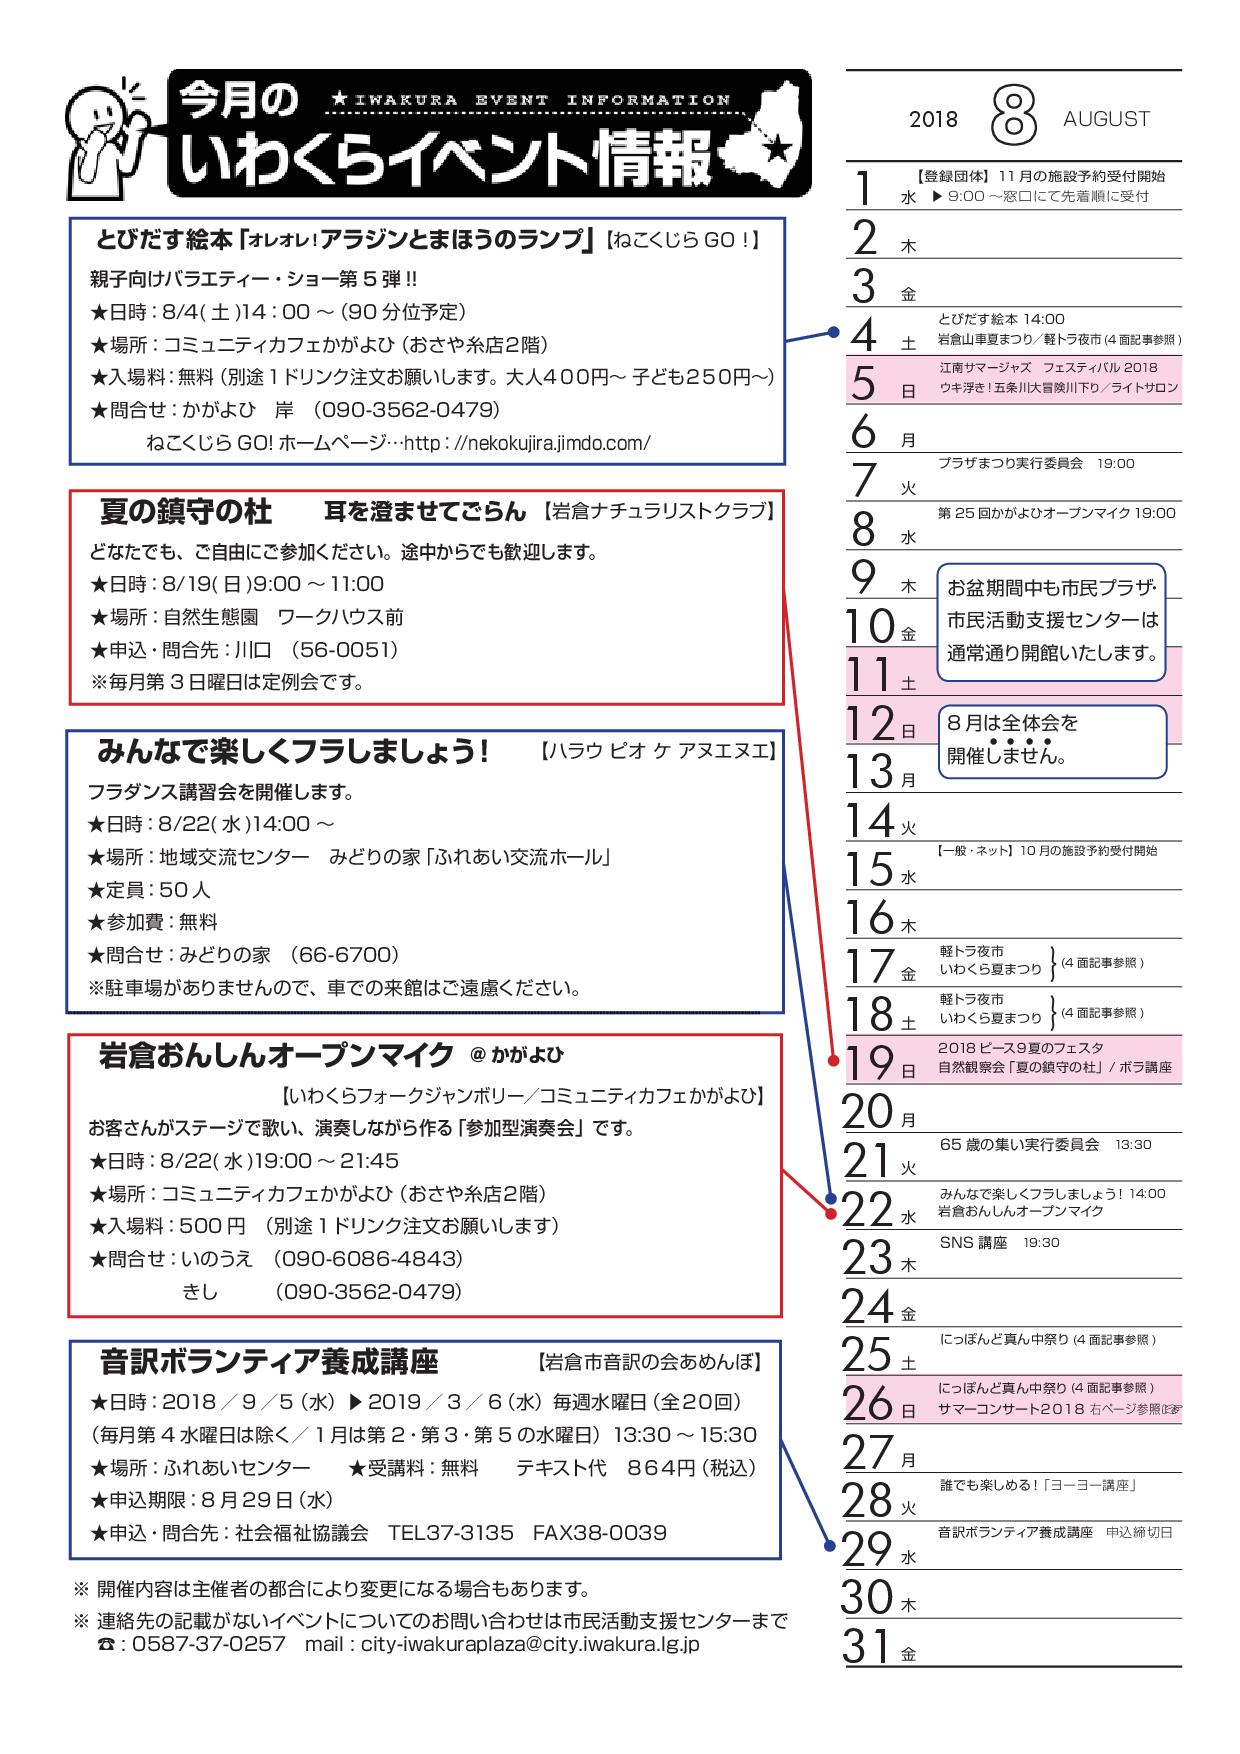 【30.8月号】岩倉市市民活動支援センター情報誌かわらばん71号_d0262773_10263619.png